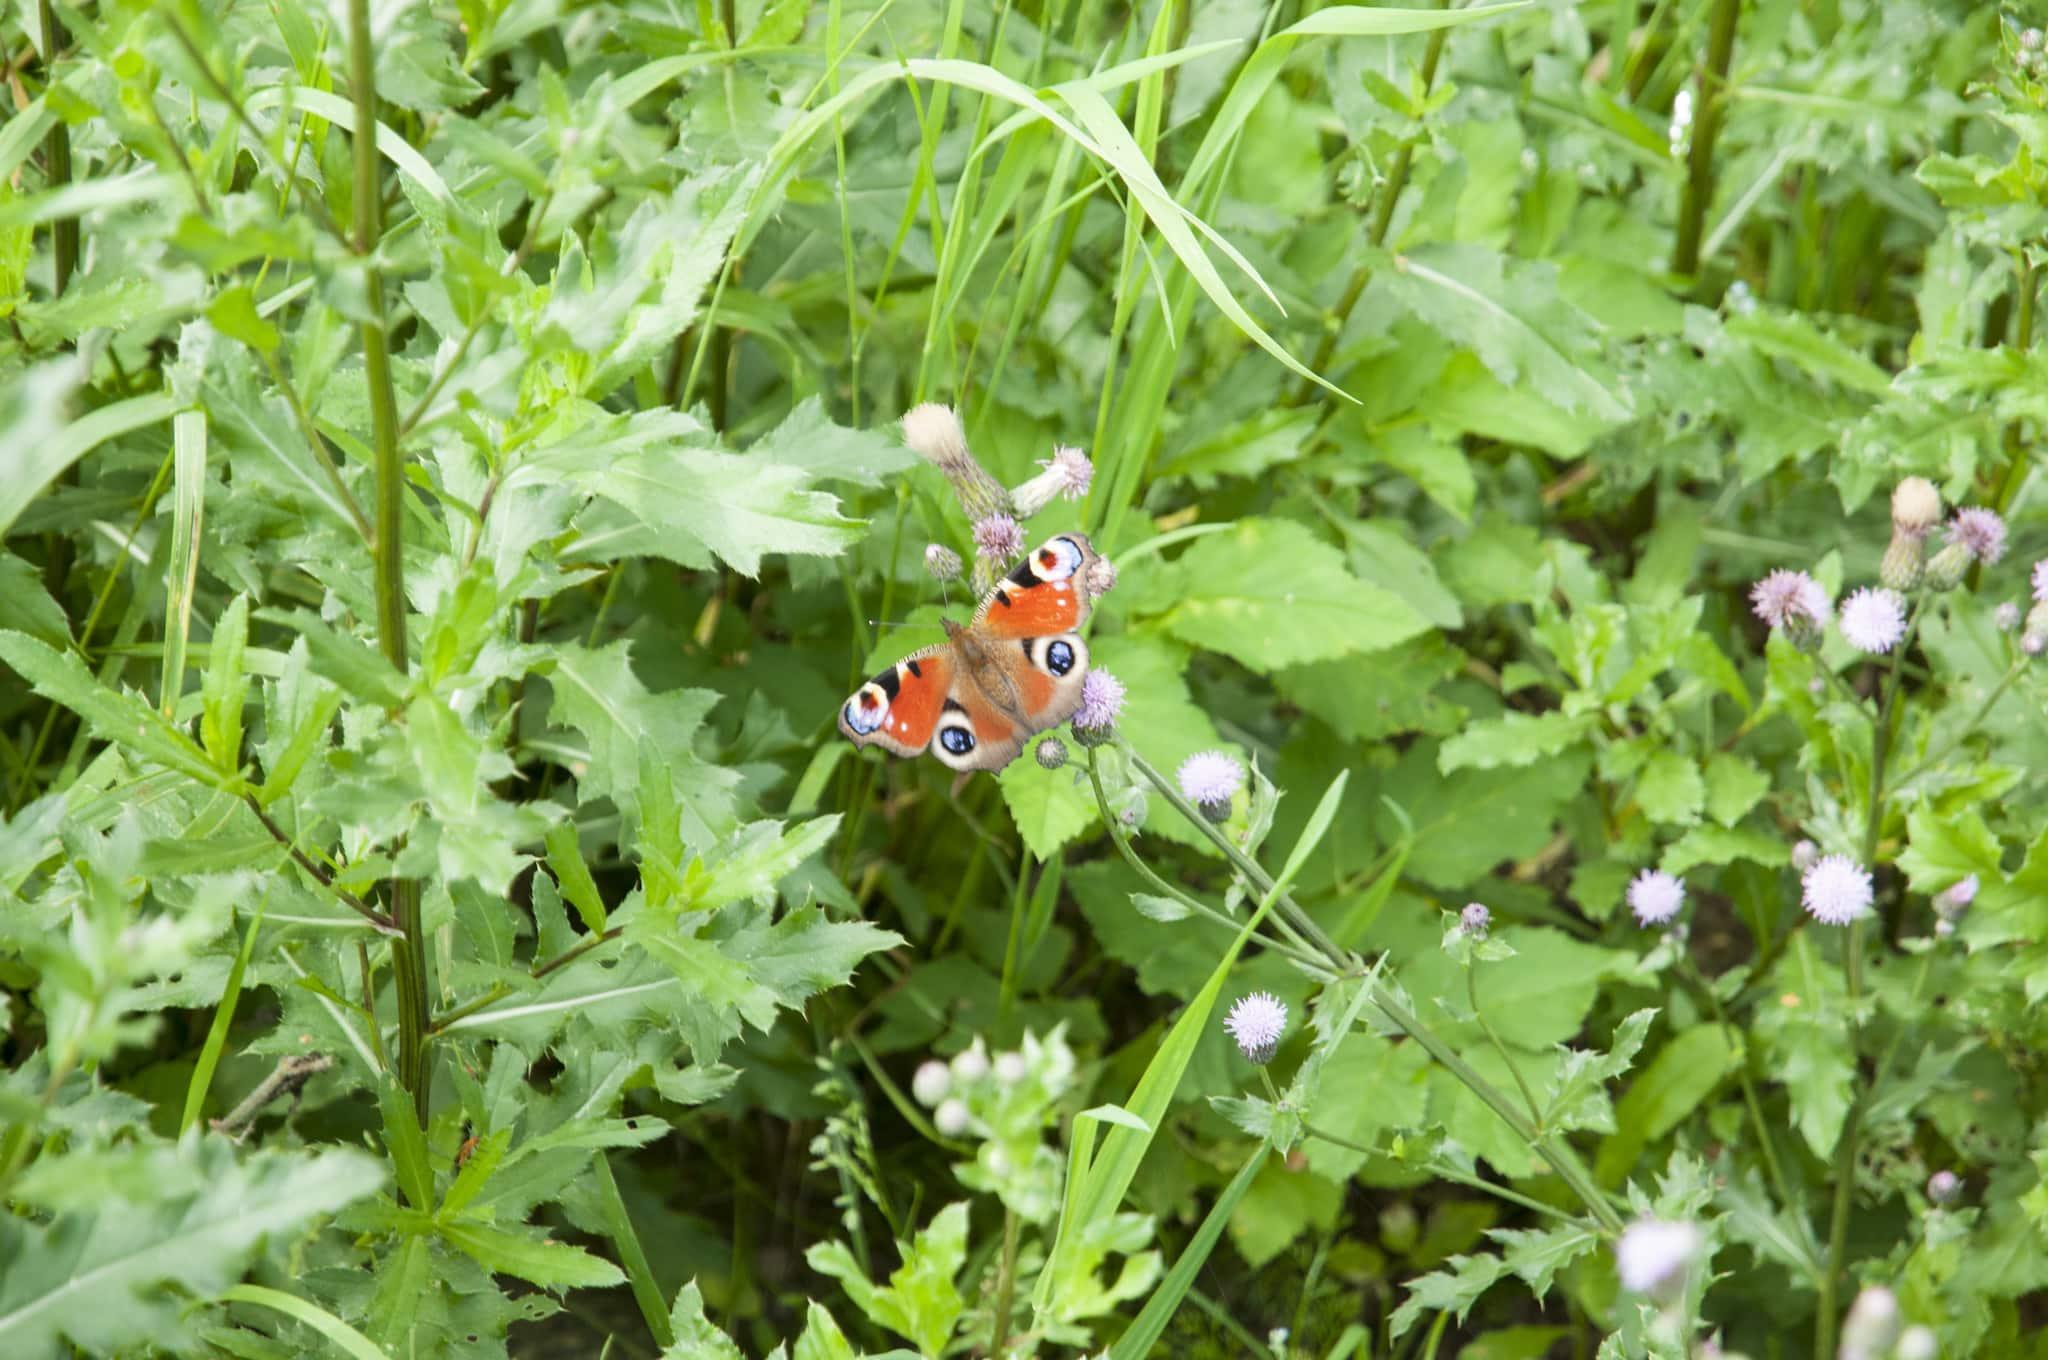 Insekter och fjärilar drar förstås nytta av blommorna i en träda, men det gynnar också fältvilt som fasan och rapphöna. Foto: Jan Henricson